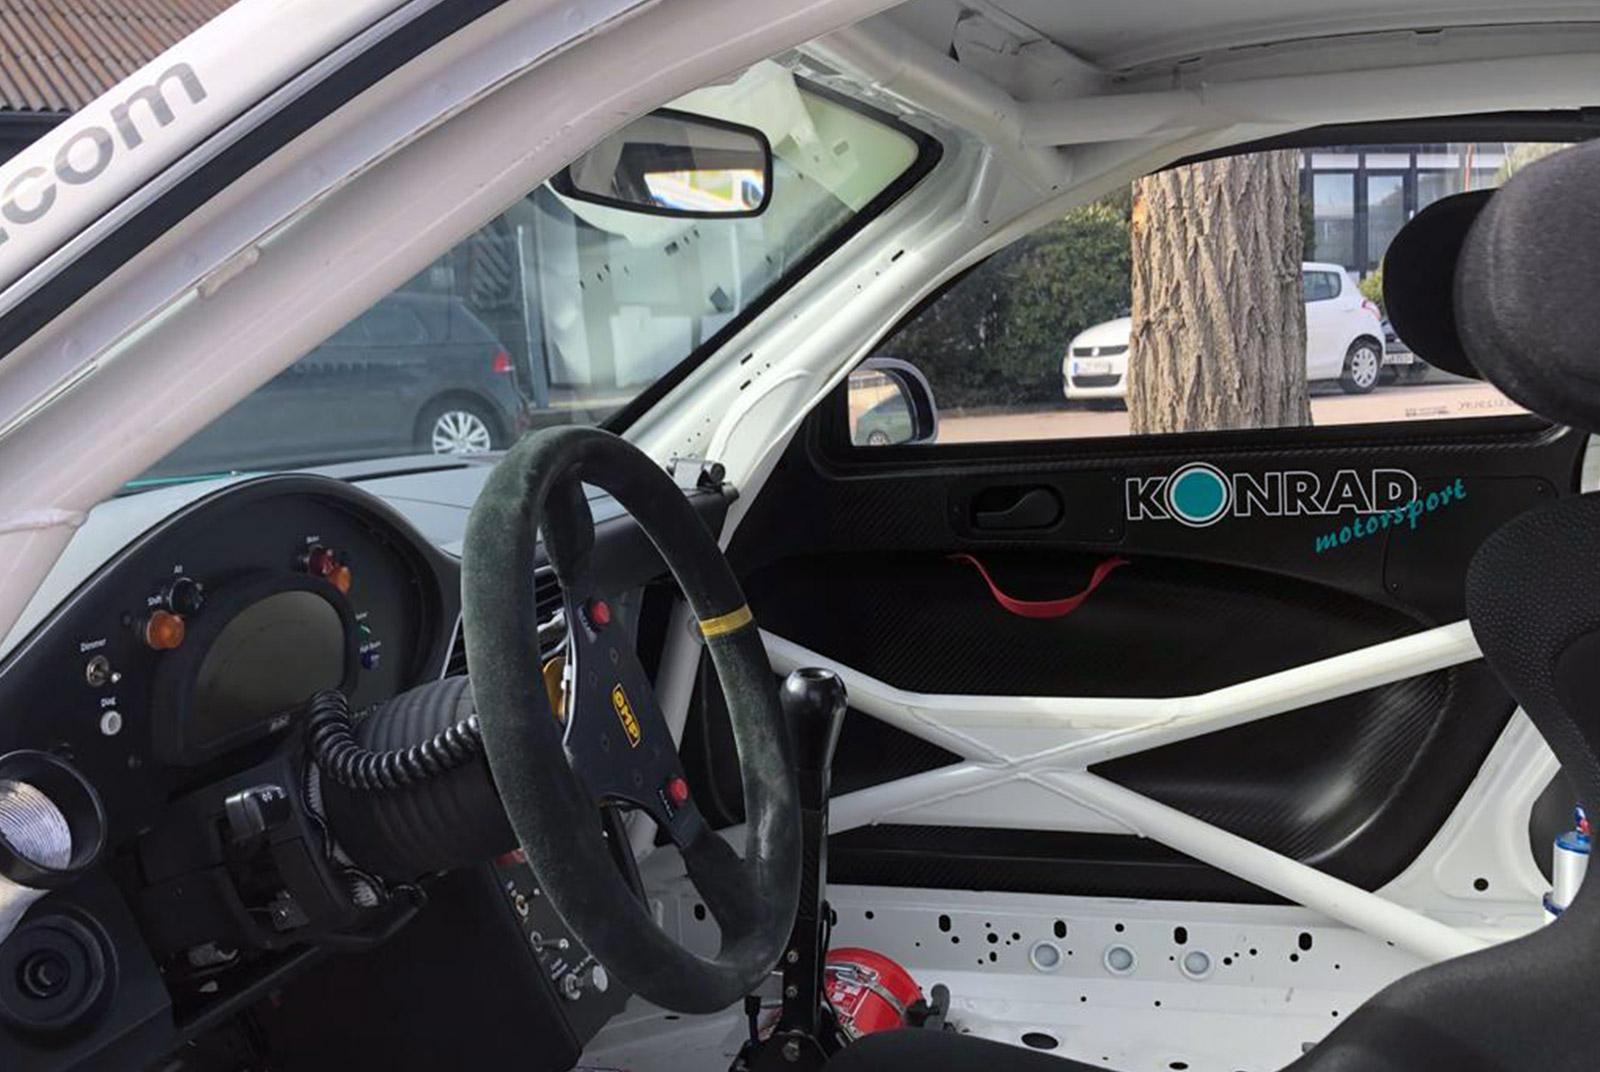 Porsche_997_GT3_Cup_Weiß_Schwarz_POR-8188_6